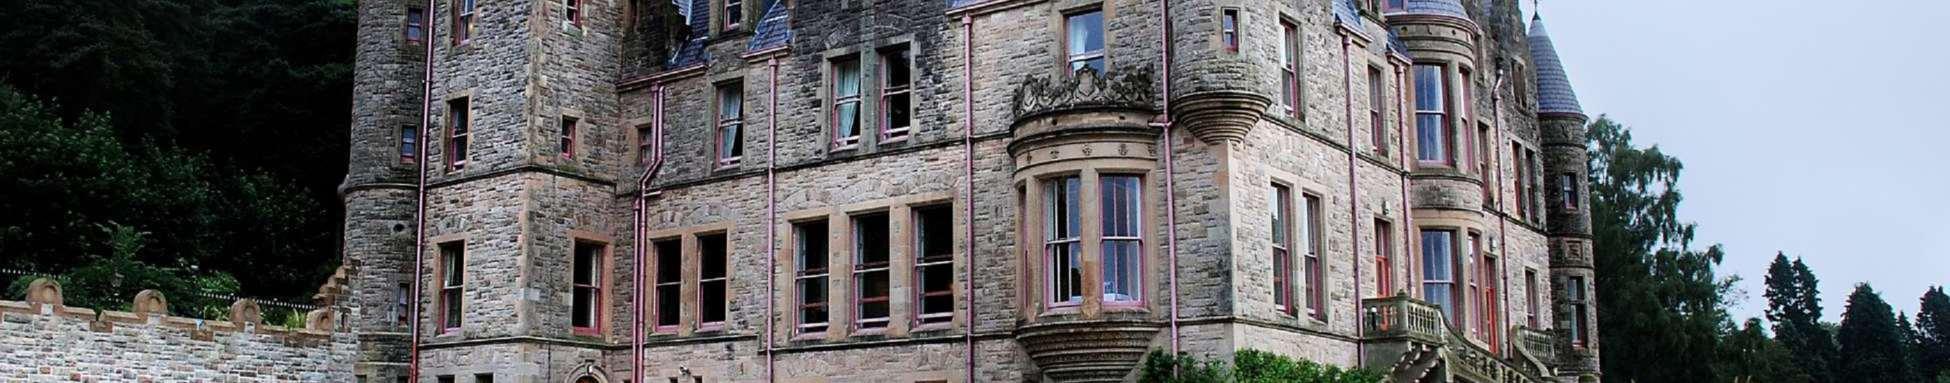 Belfast-Castle-1950x975